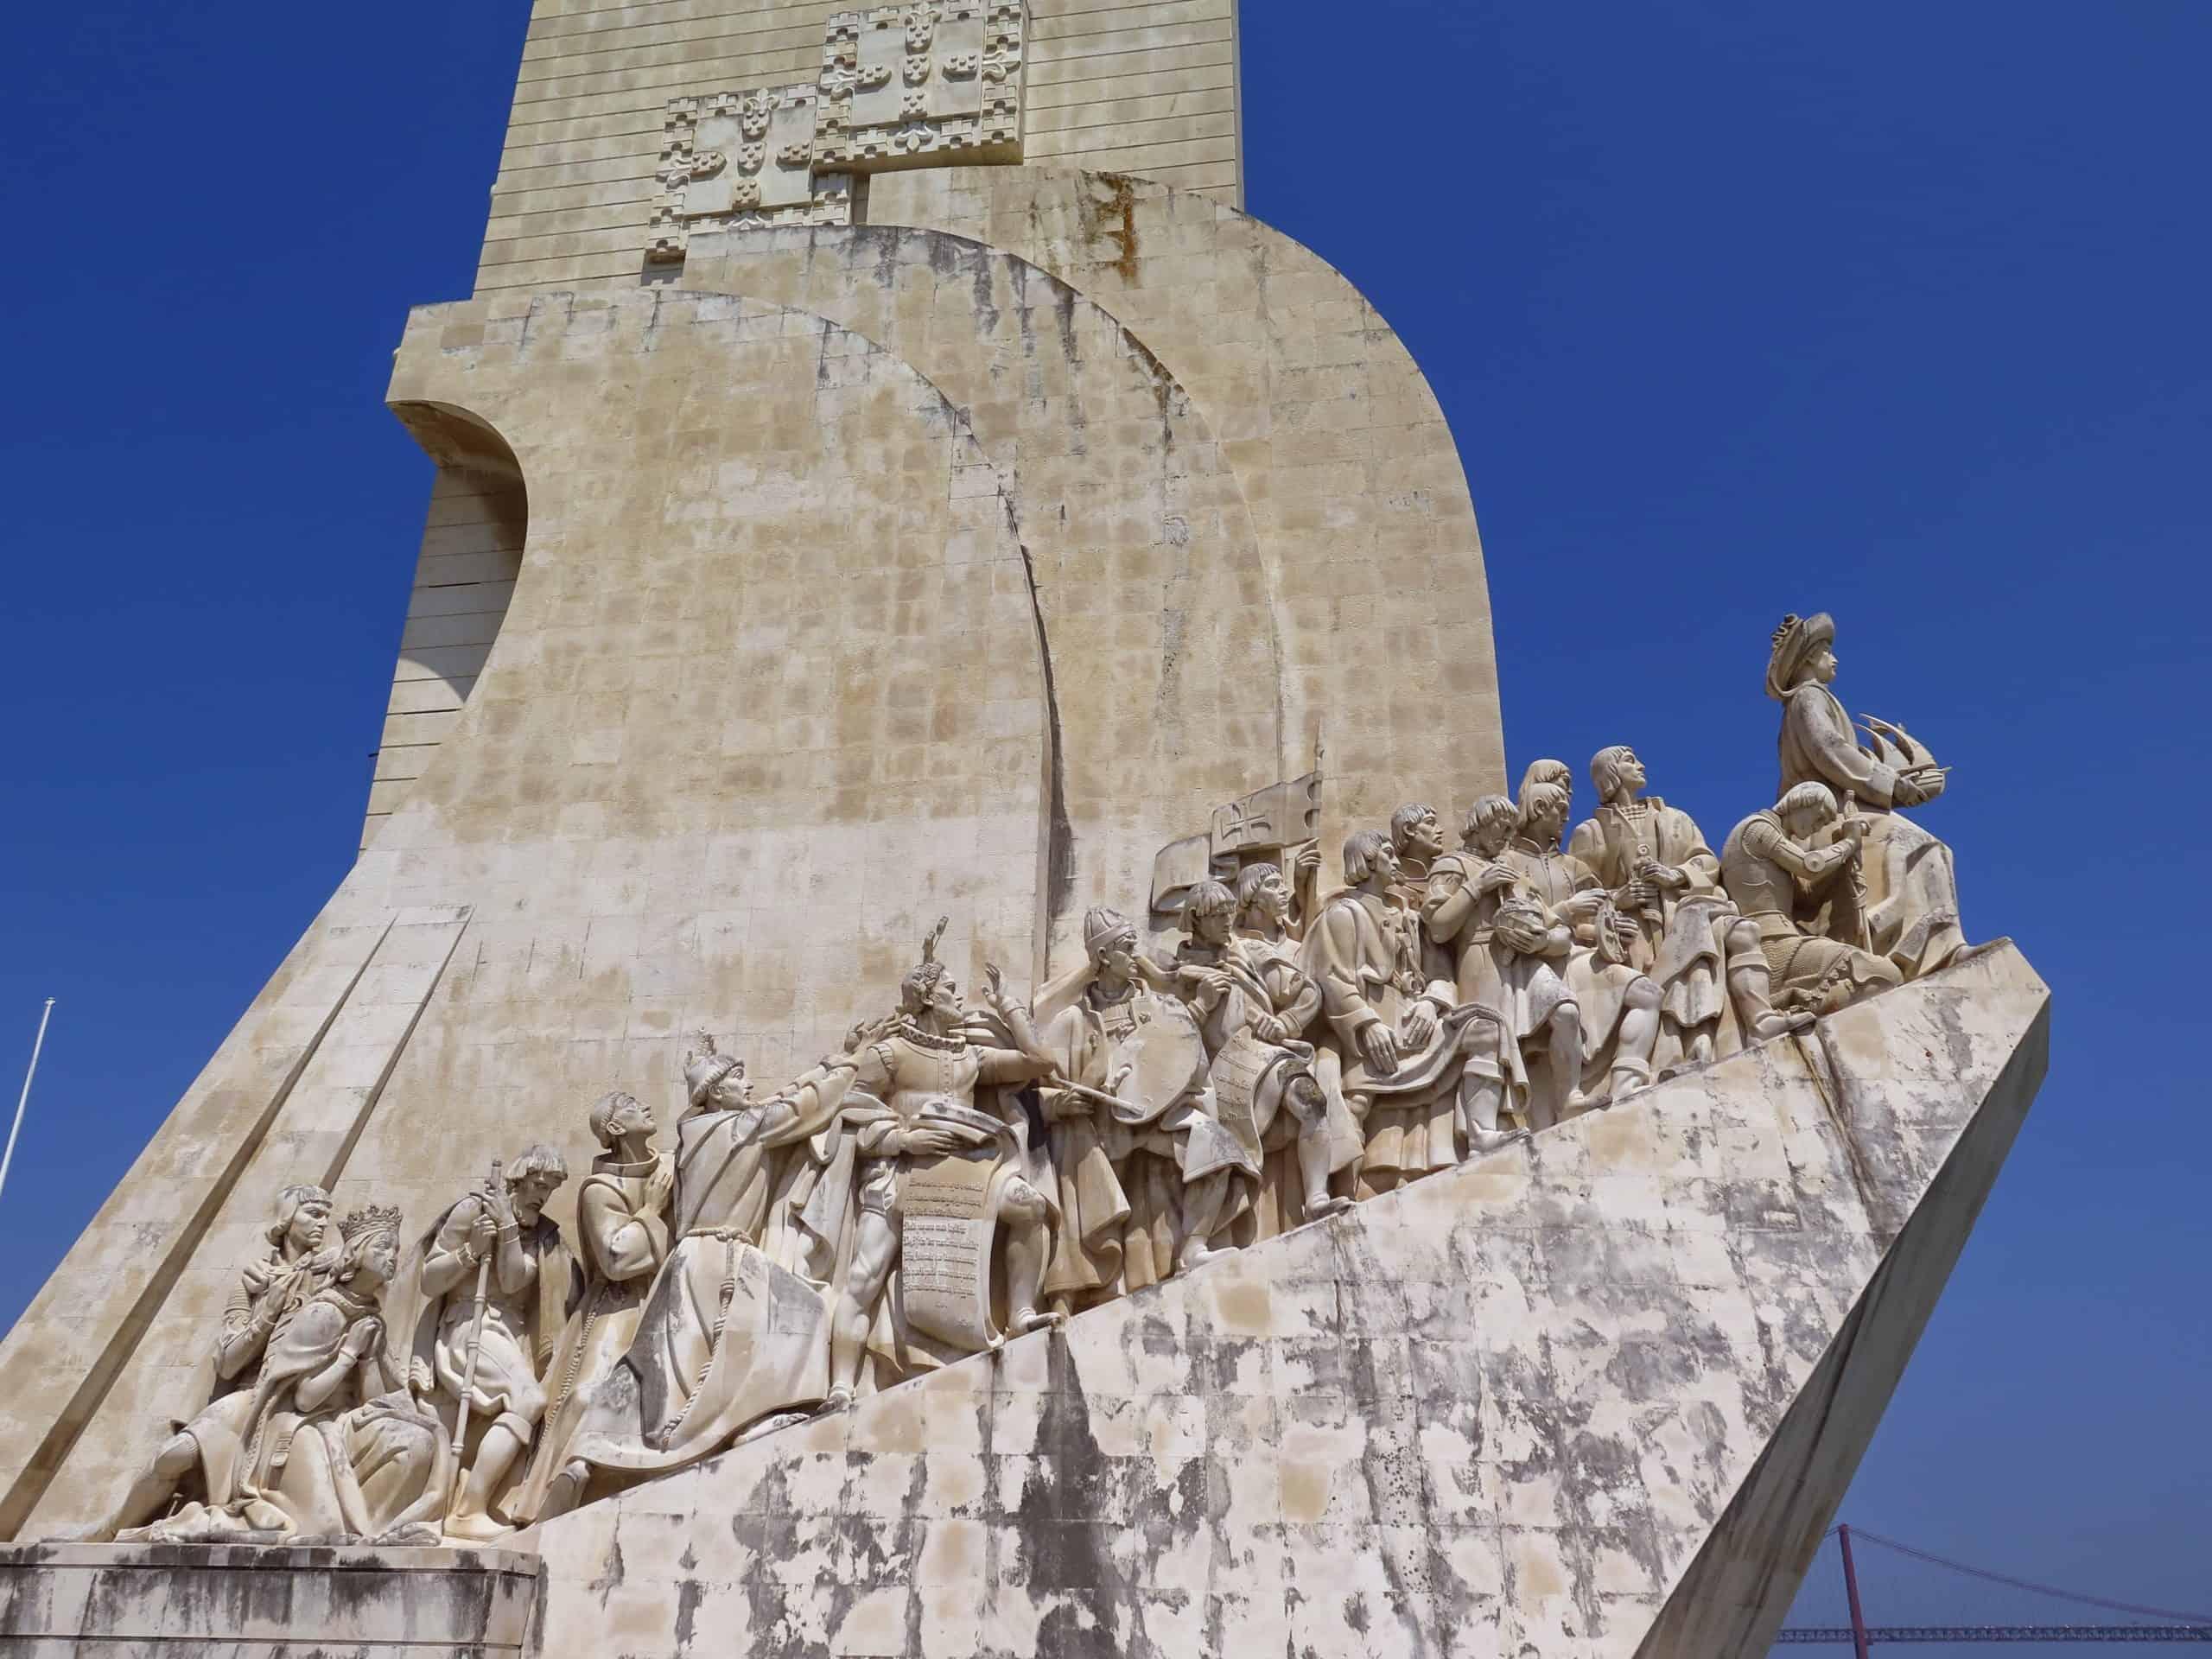 Monumento Padrão dos Descobrimentos.